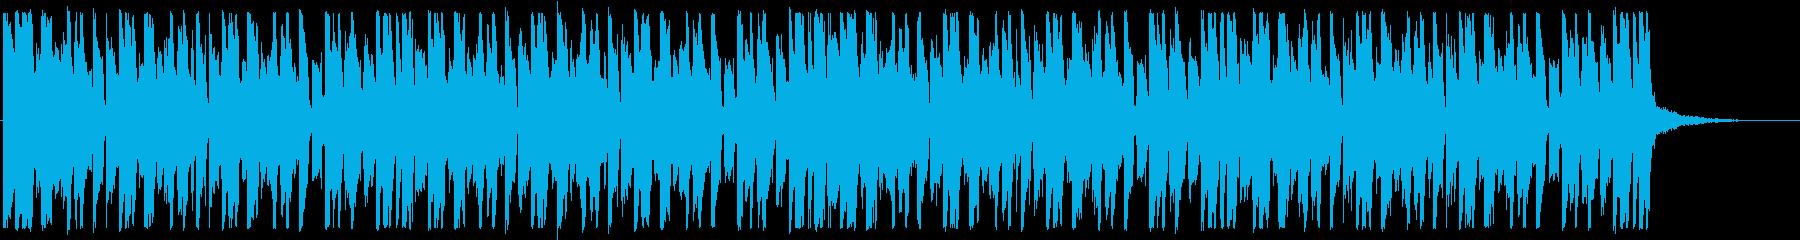 キラキラ/ハウス_No484_4の再生済みの波形